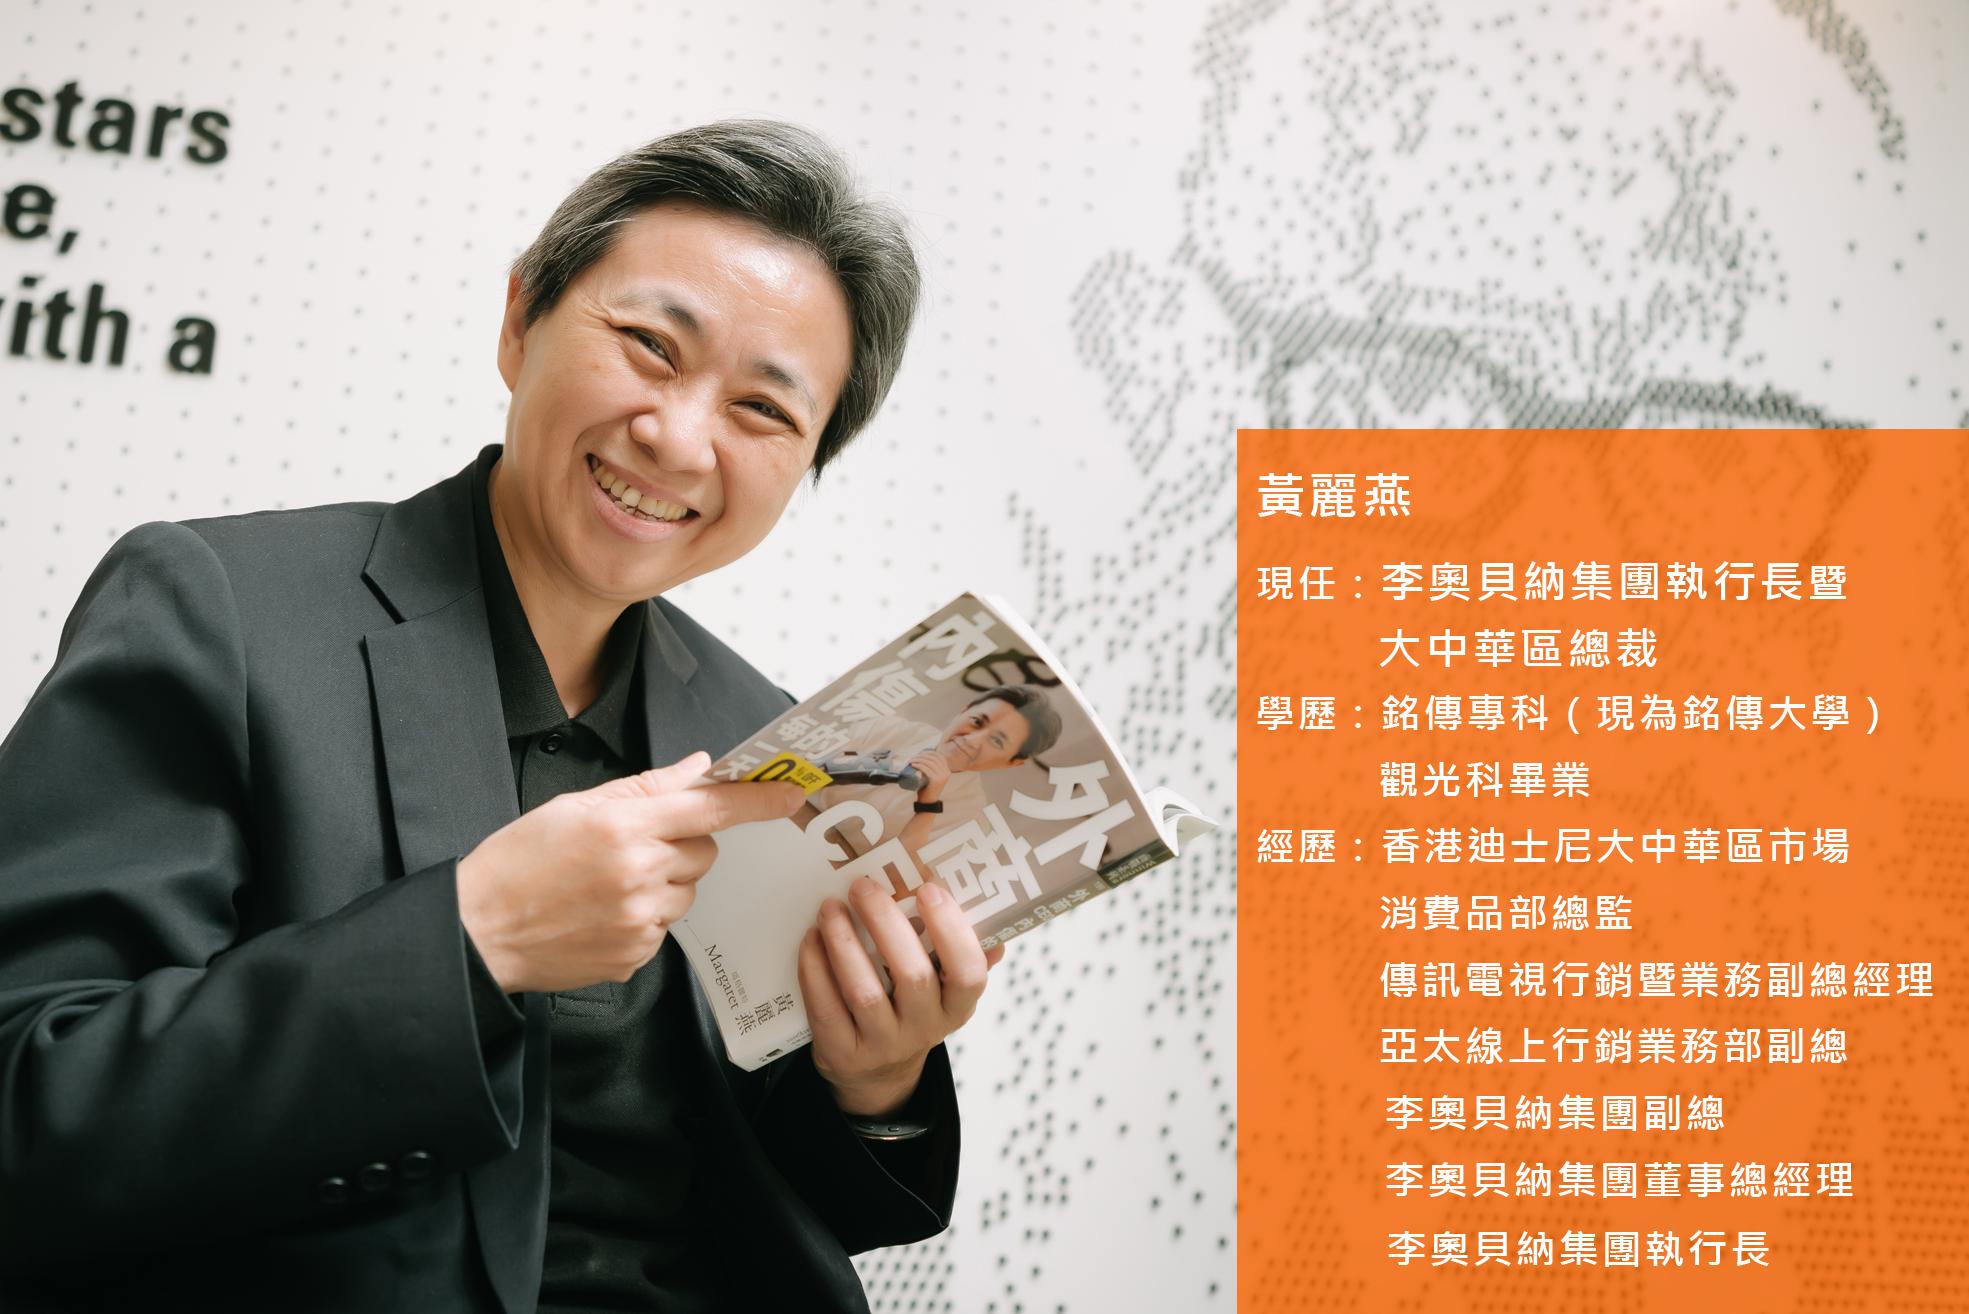 黃麗燕 李奧貝納集團執行長暨大中華區總裁:不貳過,讓過去的傷成為你的盾